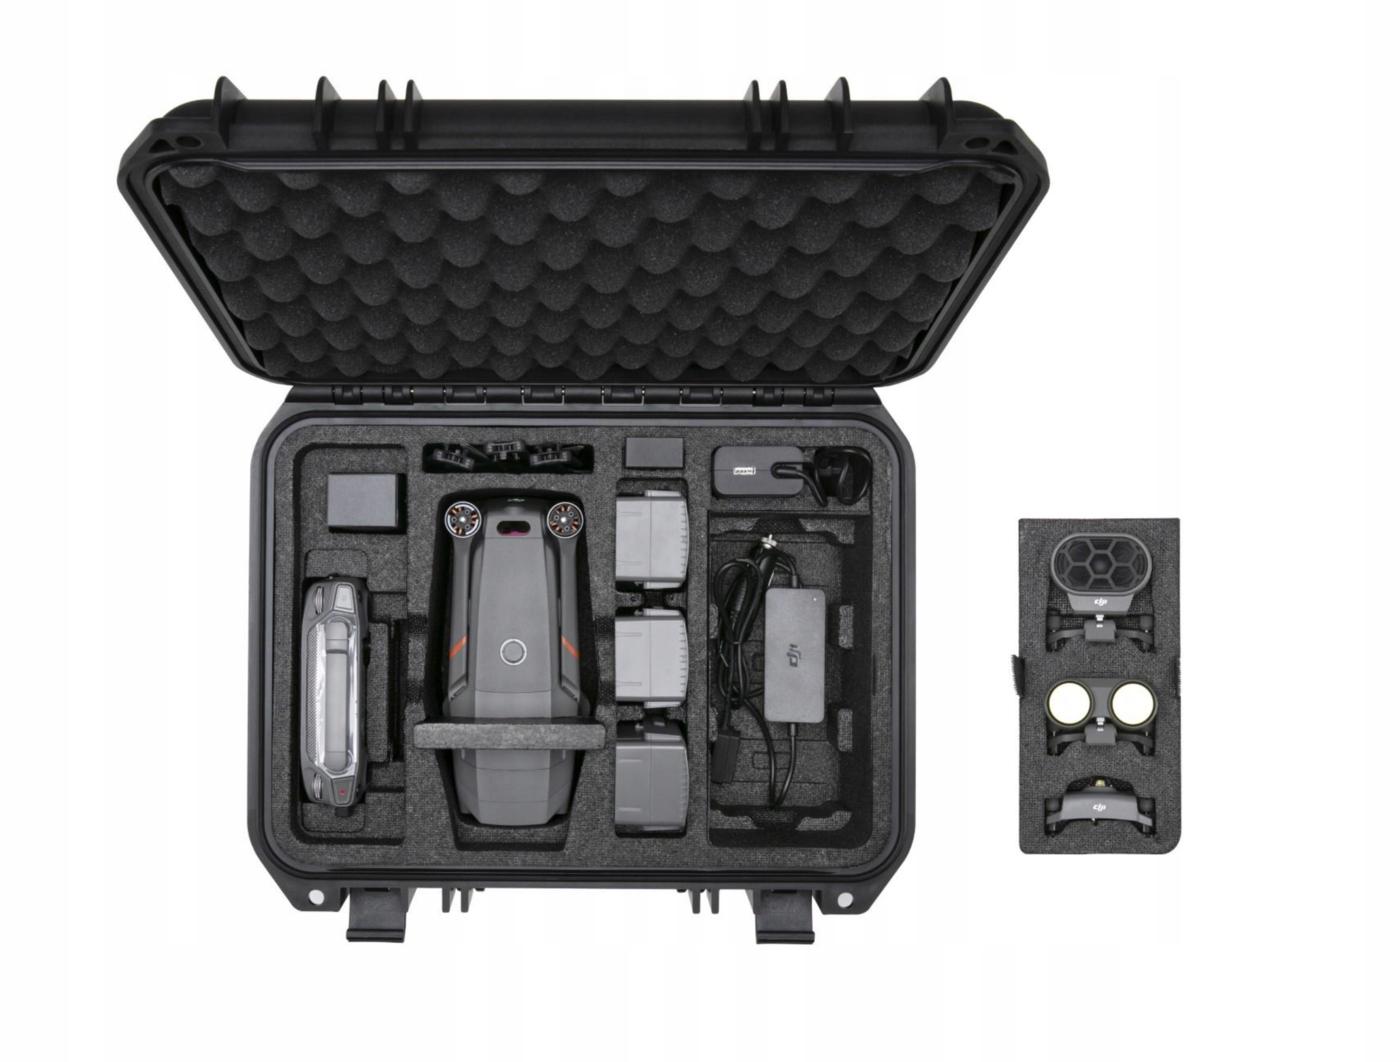 DJI Mavic 2 Enterprise Dual Kamera Termowizyjna 4K Kamera dron w zestawie z kamerą